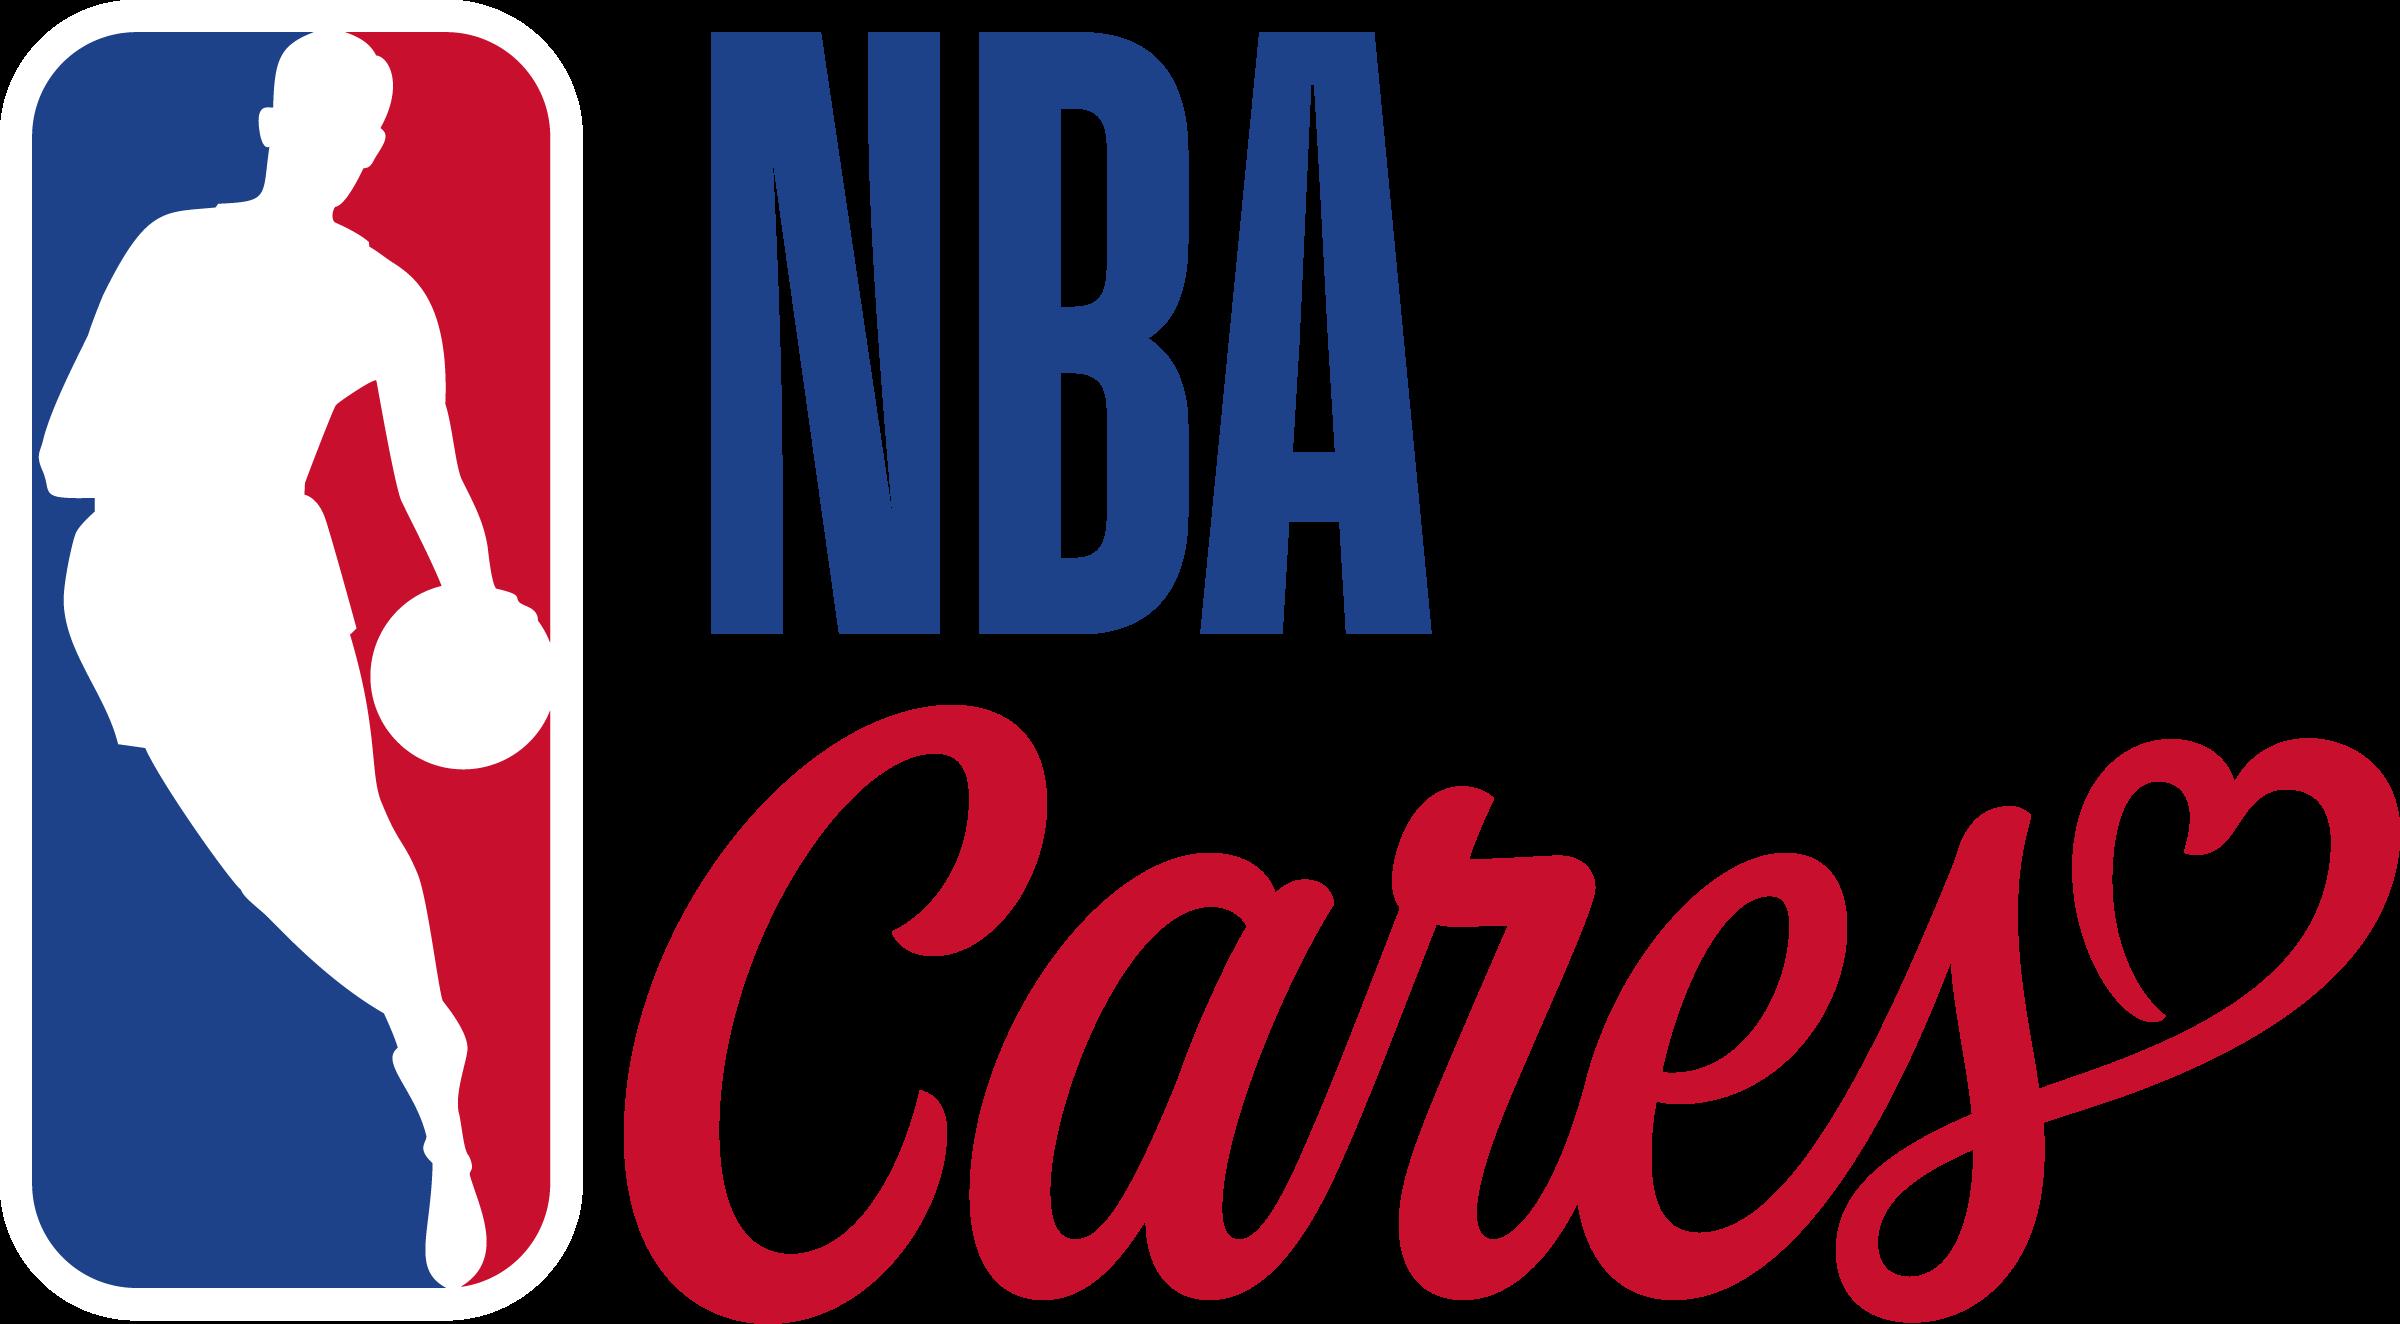 nba_cares-new-logo.png